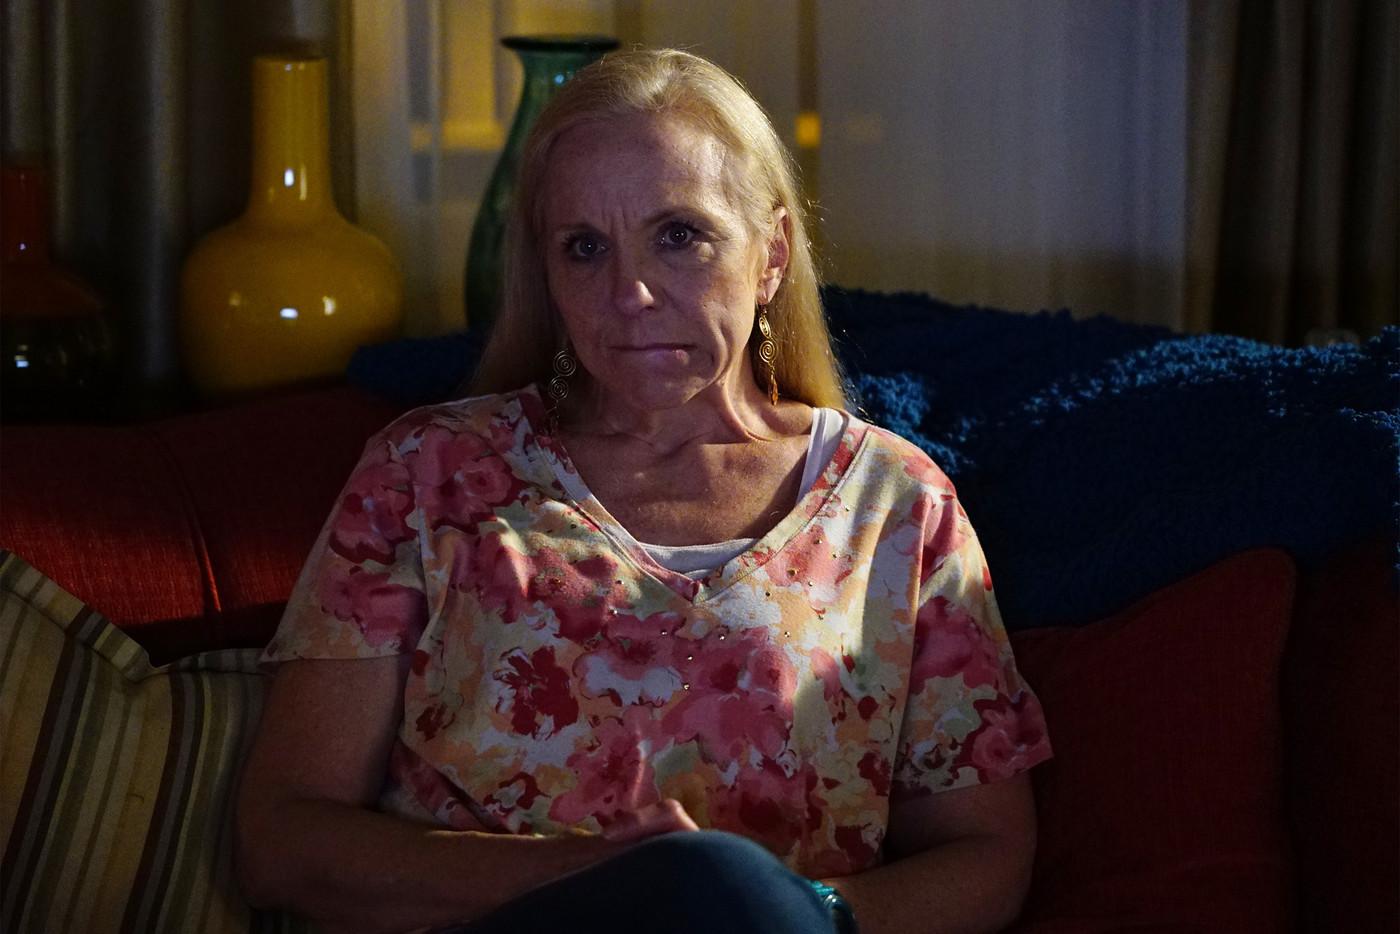 Брэтт никогда не скрывала, что у нее проблемы, из-за которых она посещала реабилитационные центры, к